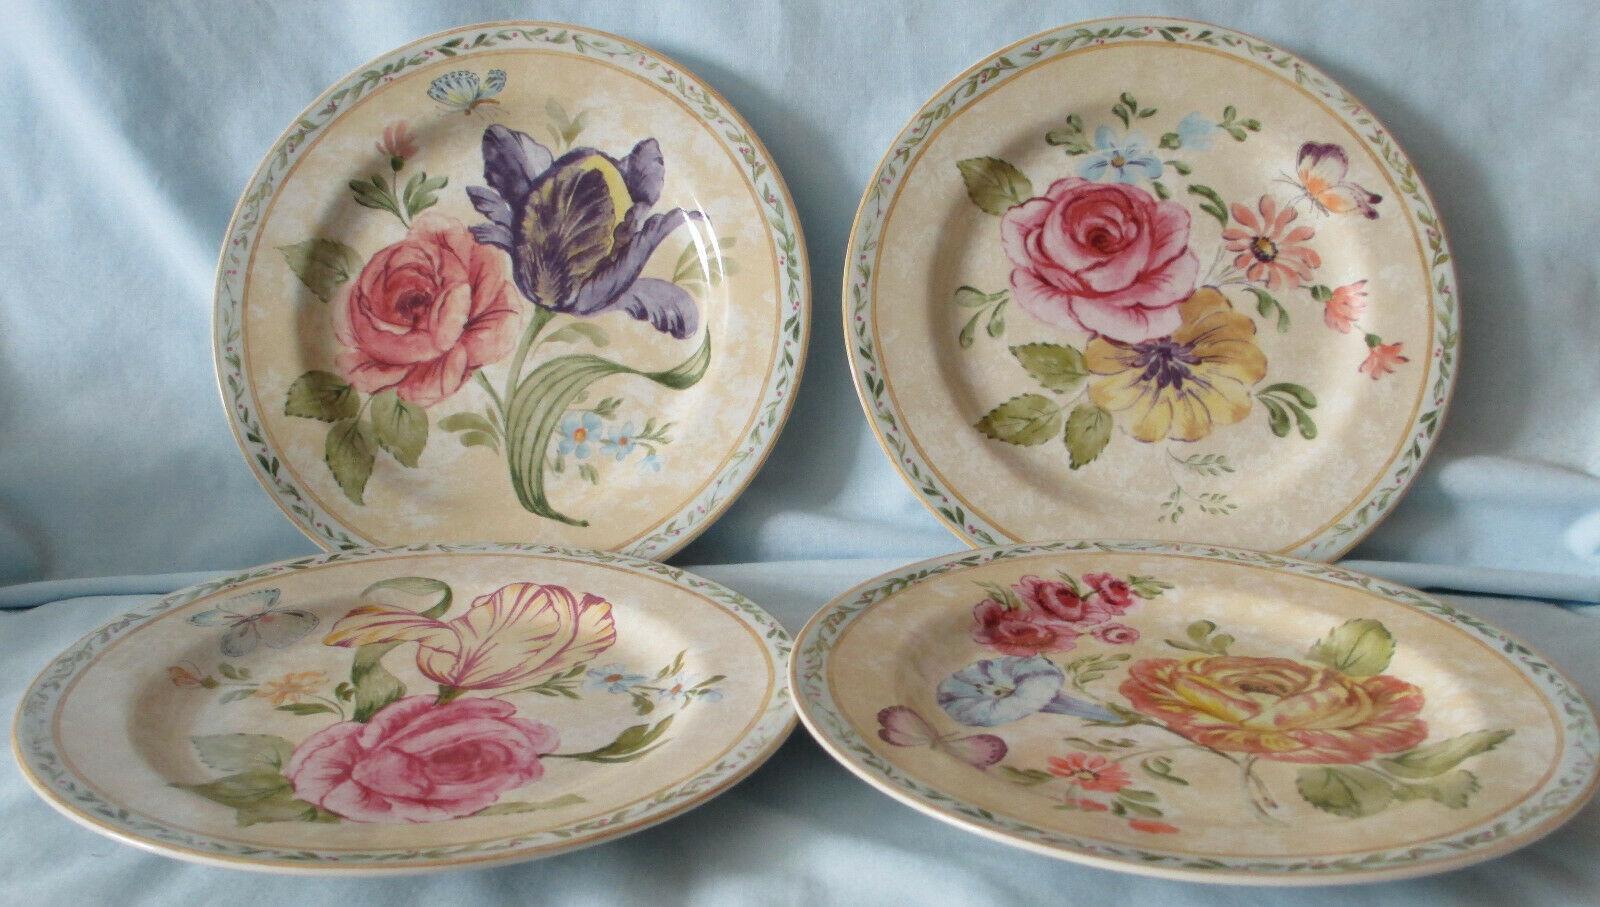 American Atelier 5024 Floral Daze Salad Plate set of 4